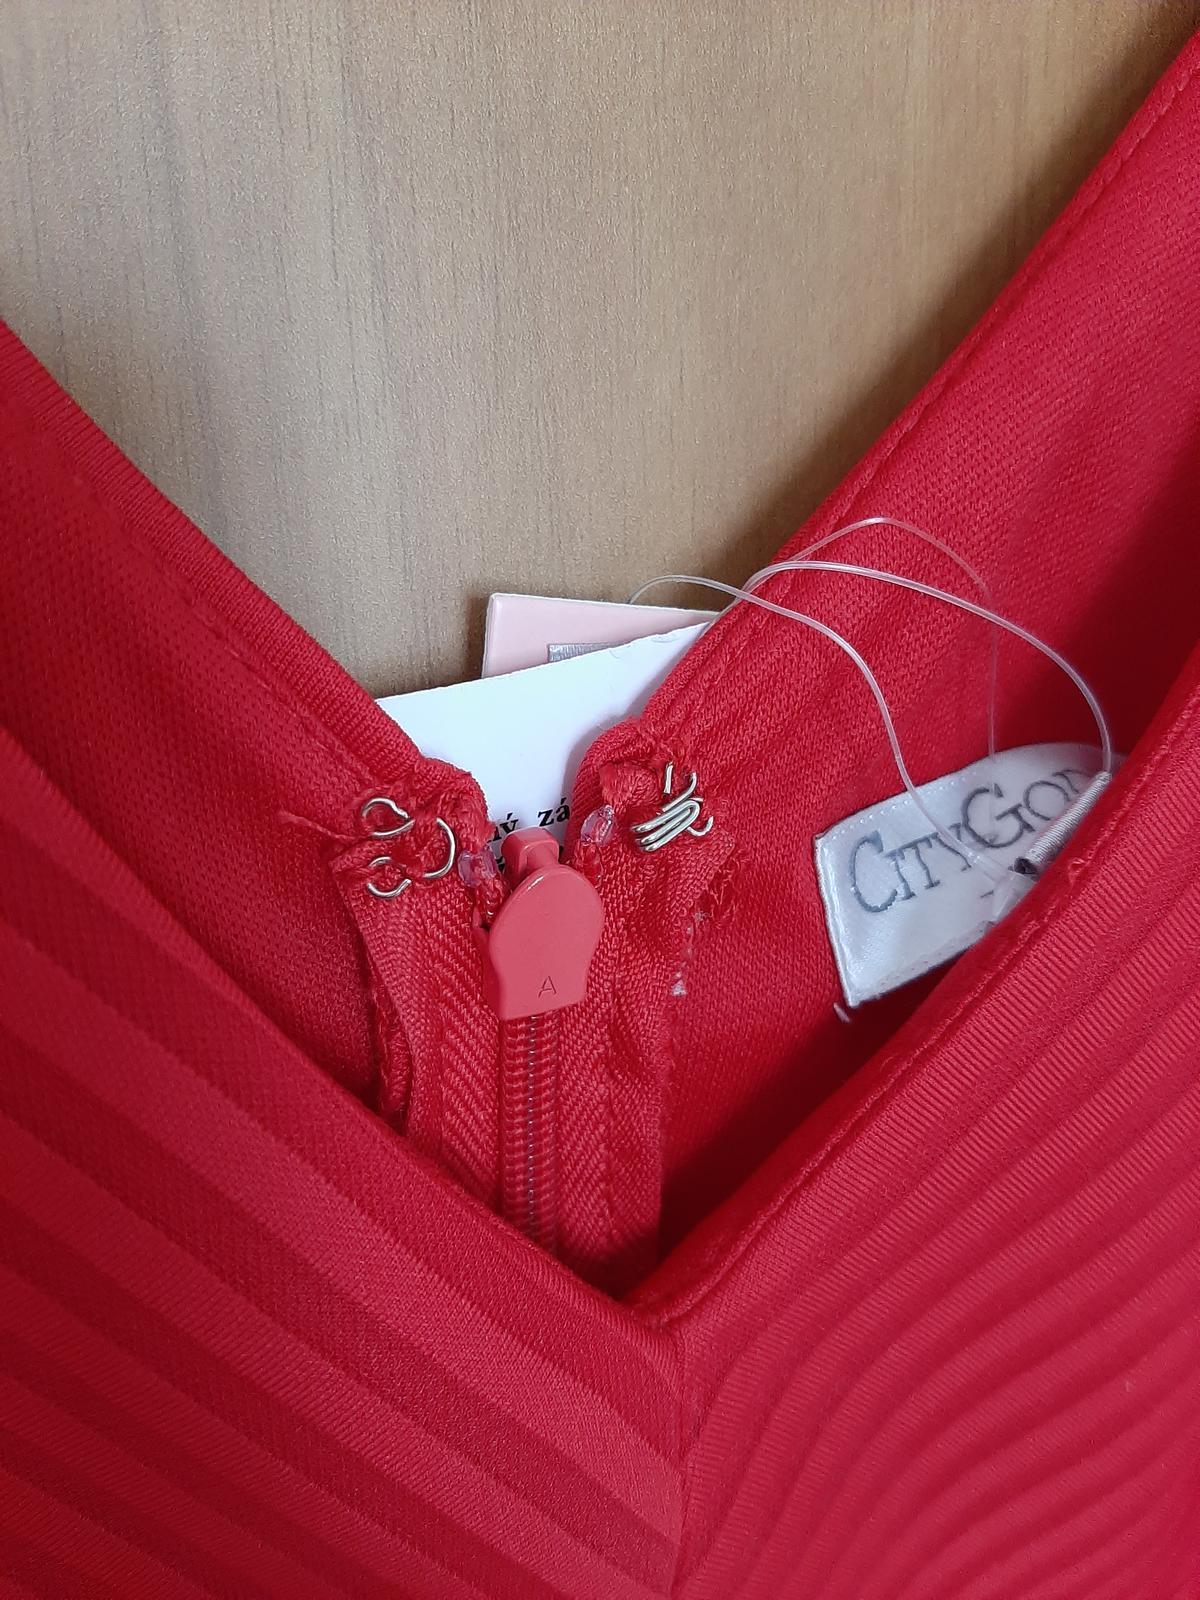 Červené šaty na redový tanec - Obrázok č. 4